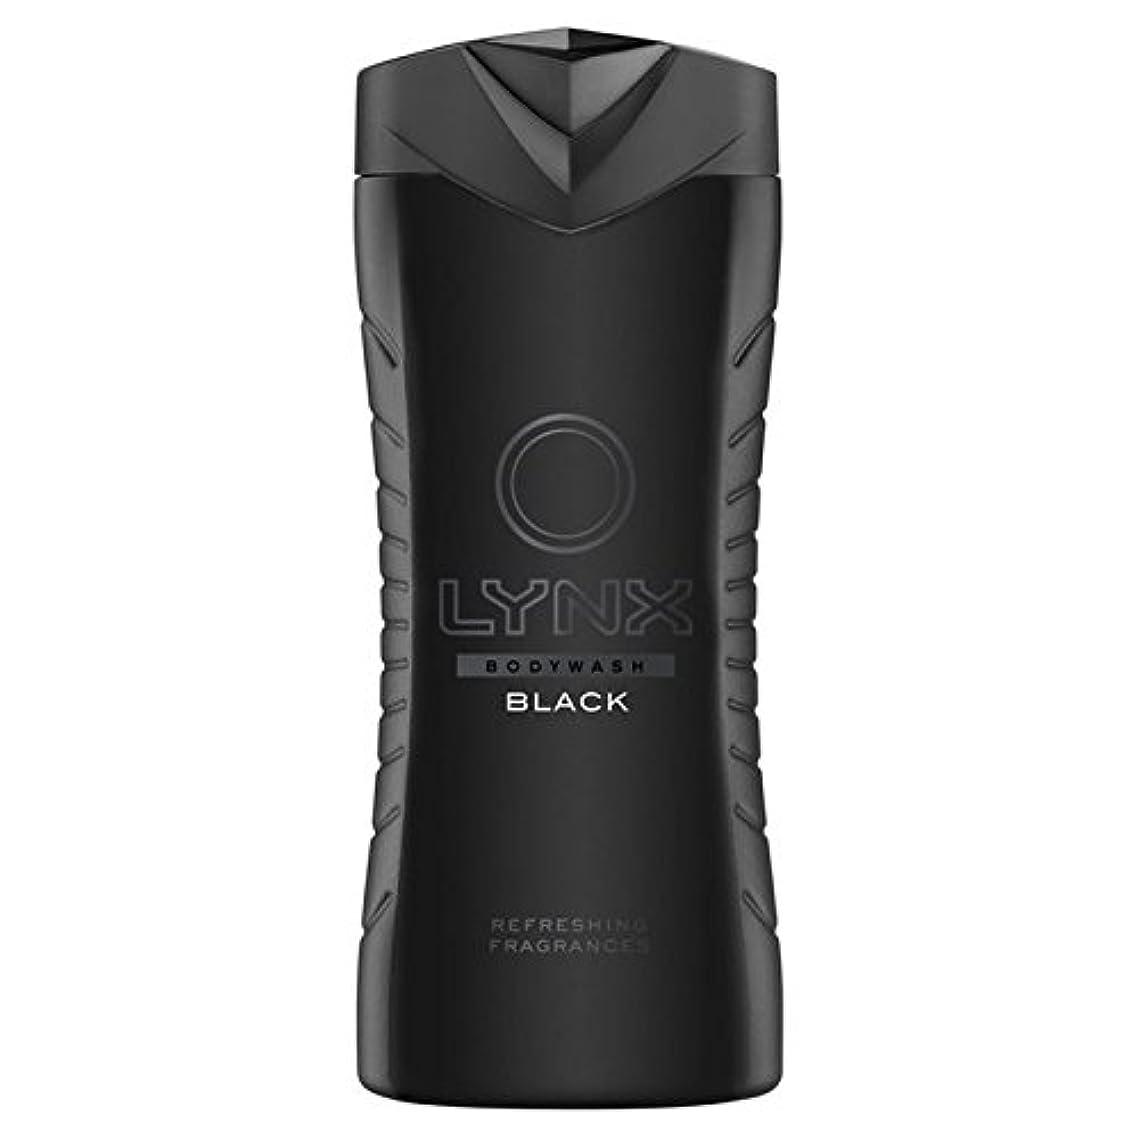 開業医ロッド直立Lynx Black Shower Gel 400ml (Pack of 6) - オオヤマネコブラックシャワージェル400ミリリットル x6 [並行輸入品]